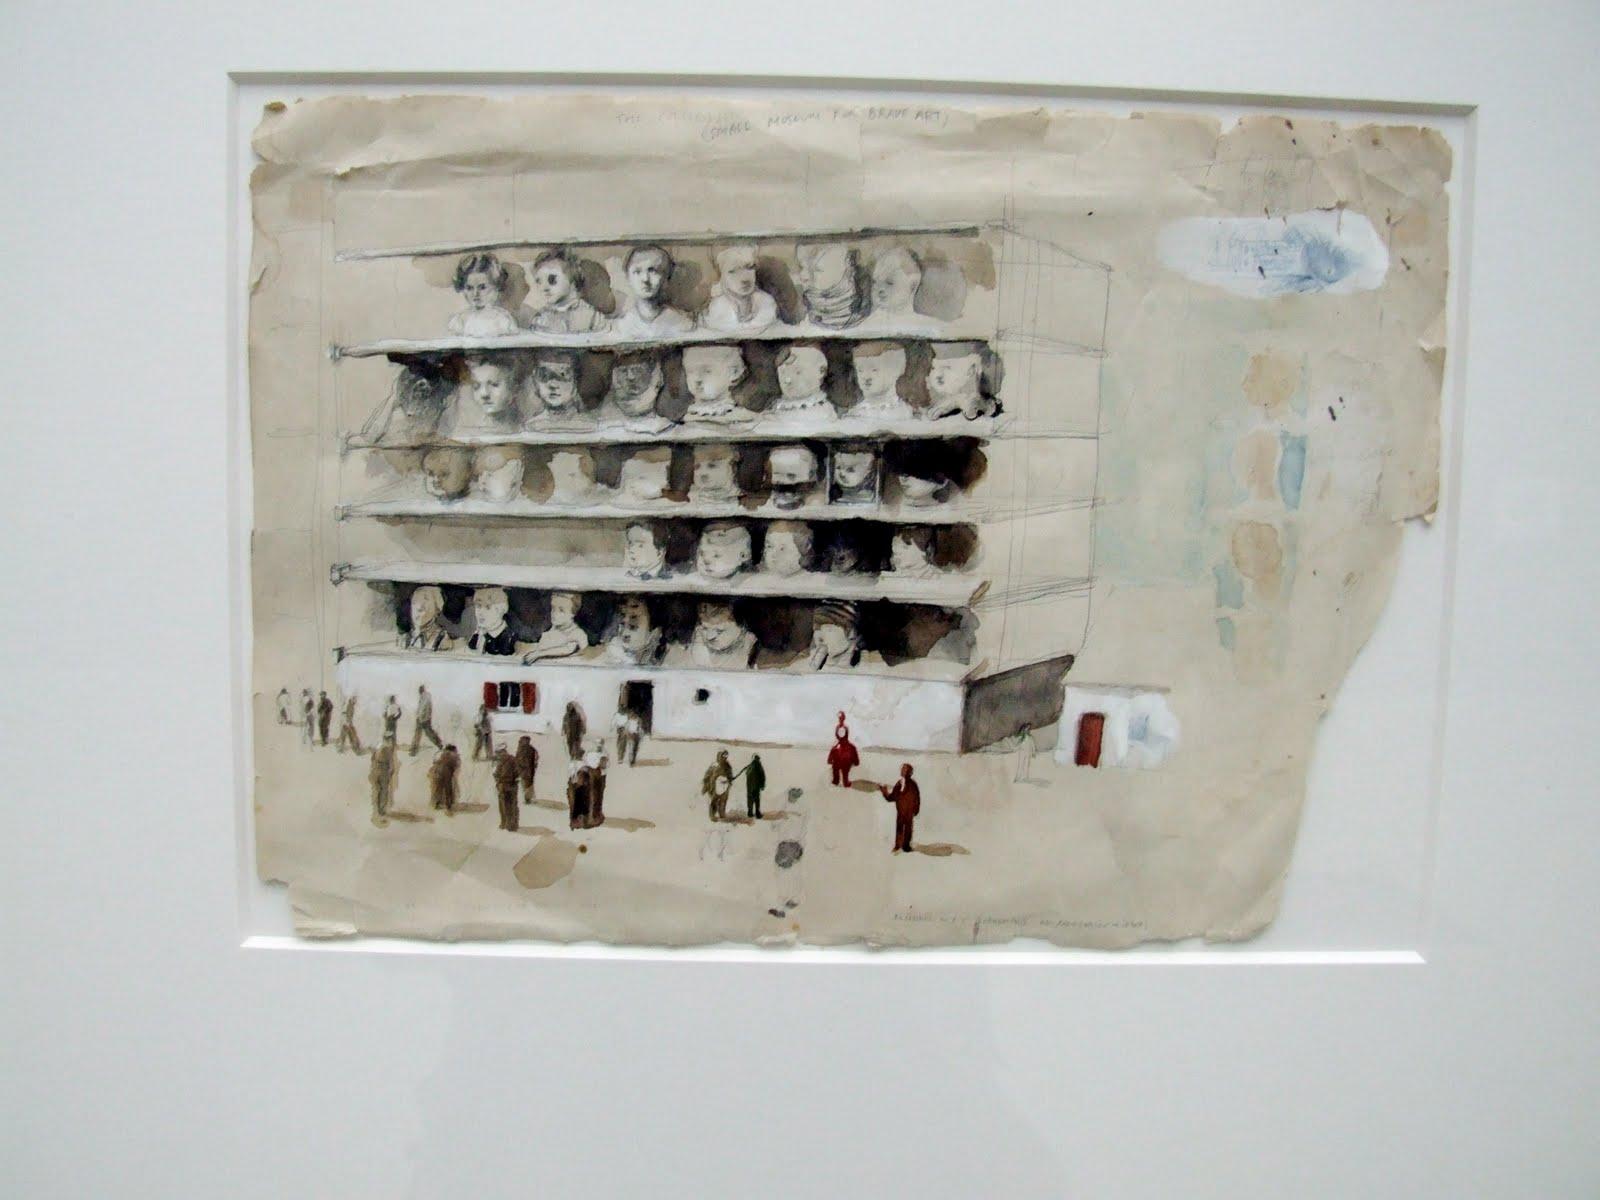 Stefan Van Drake Flemish Painter Michael Borremans Shows